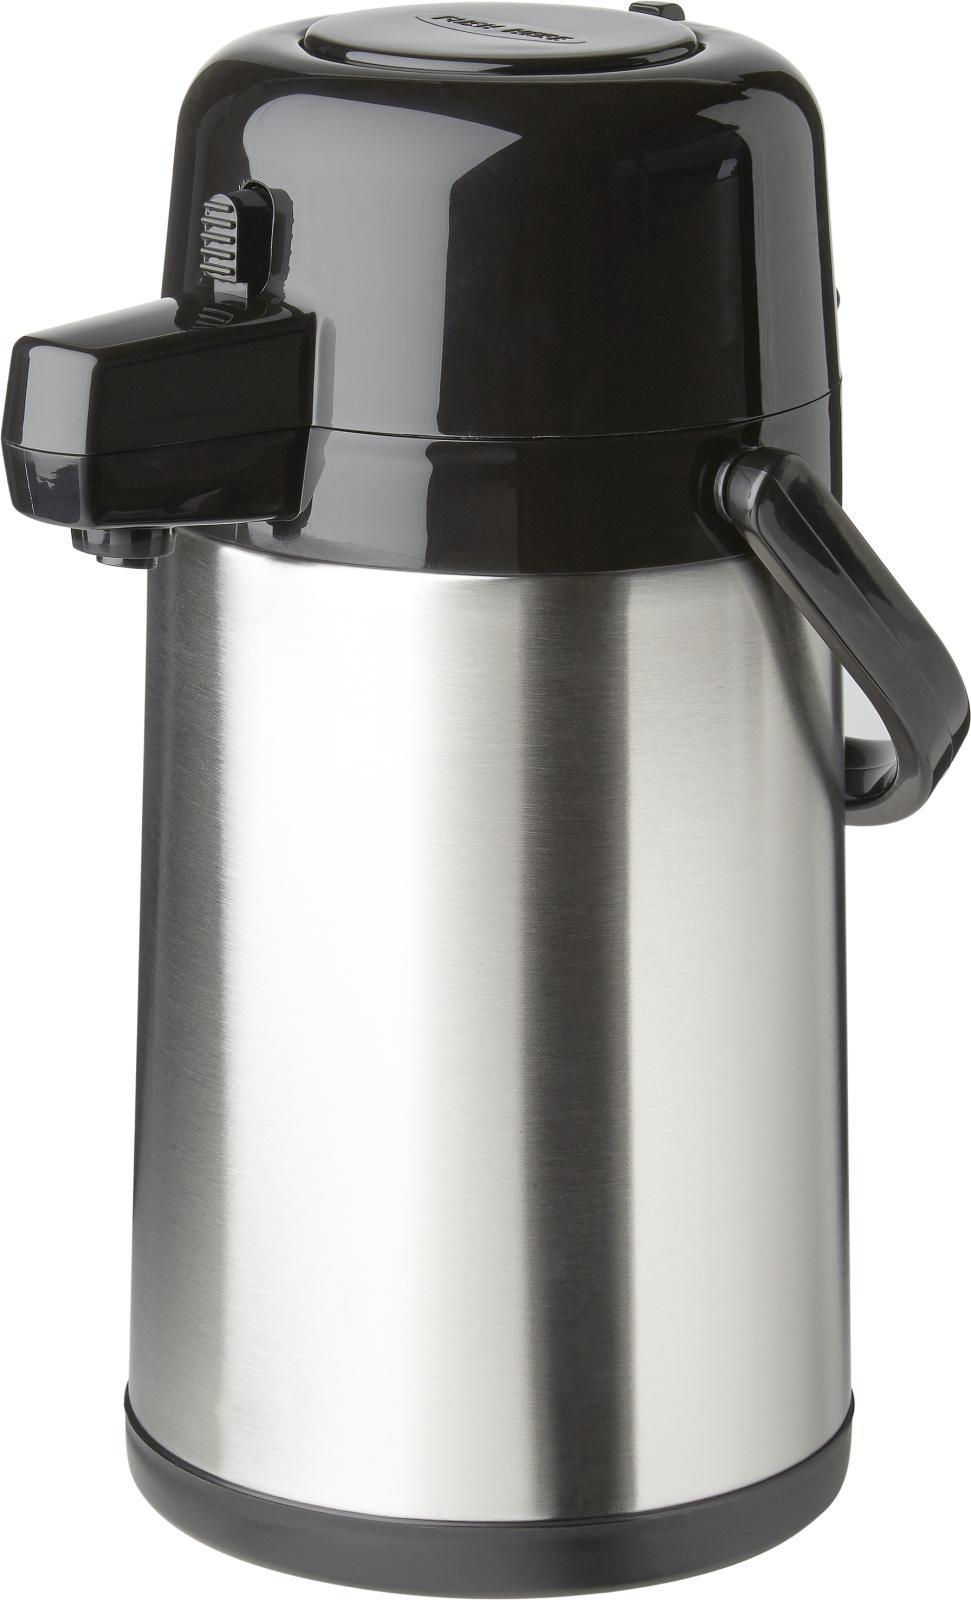 1,9 Liter Thermoskanne mit Pumpe Isolierkanne Thermo